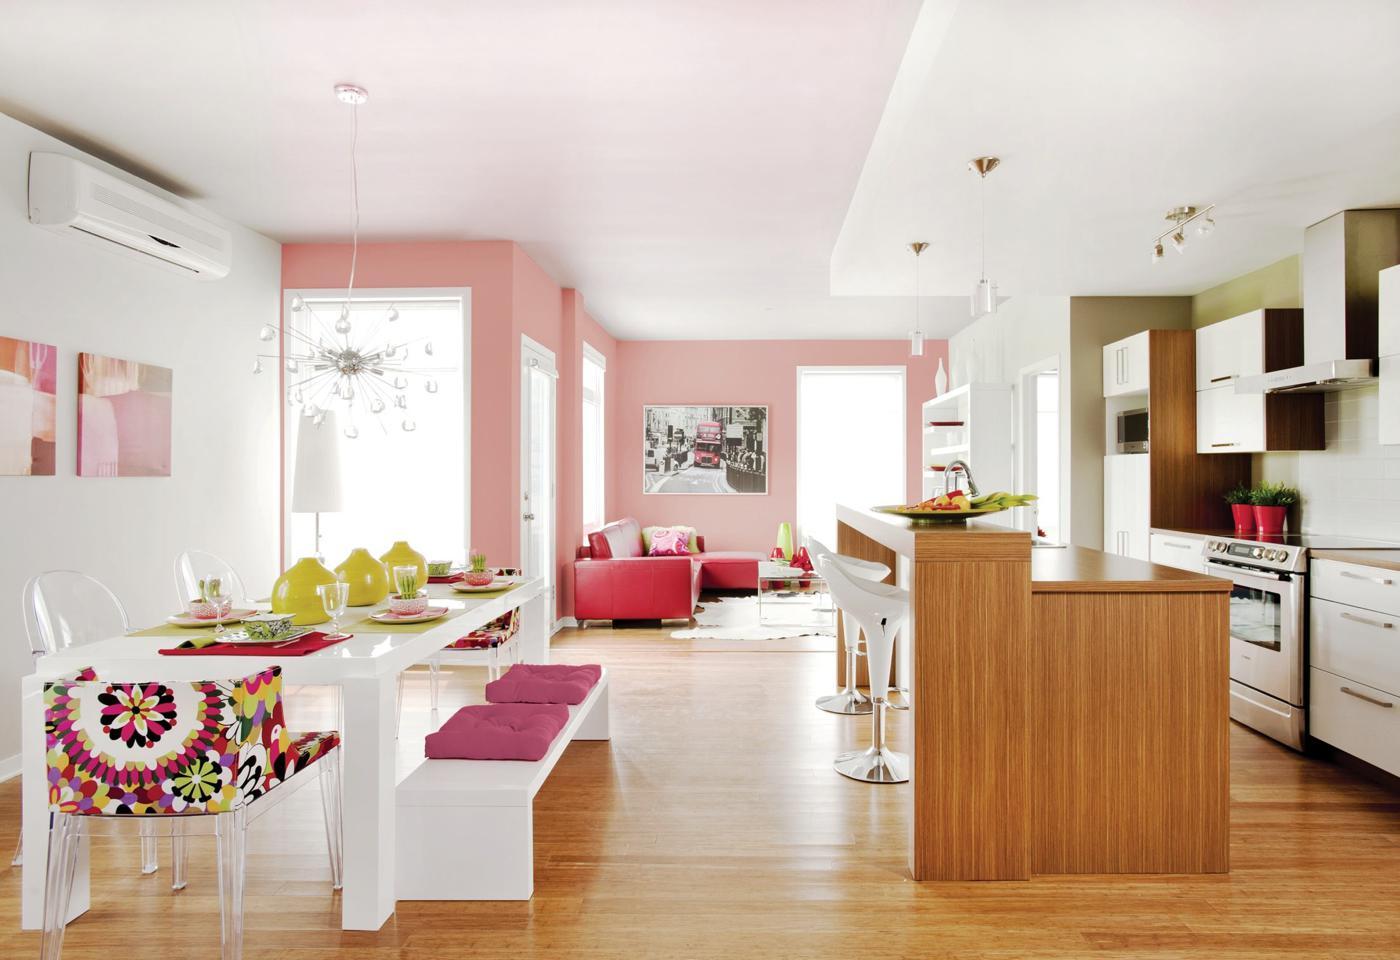 7 Inspiring Pastel Rooms You